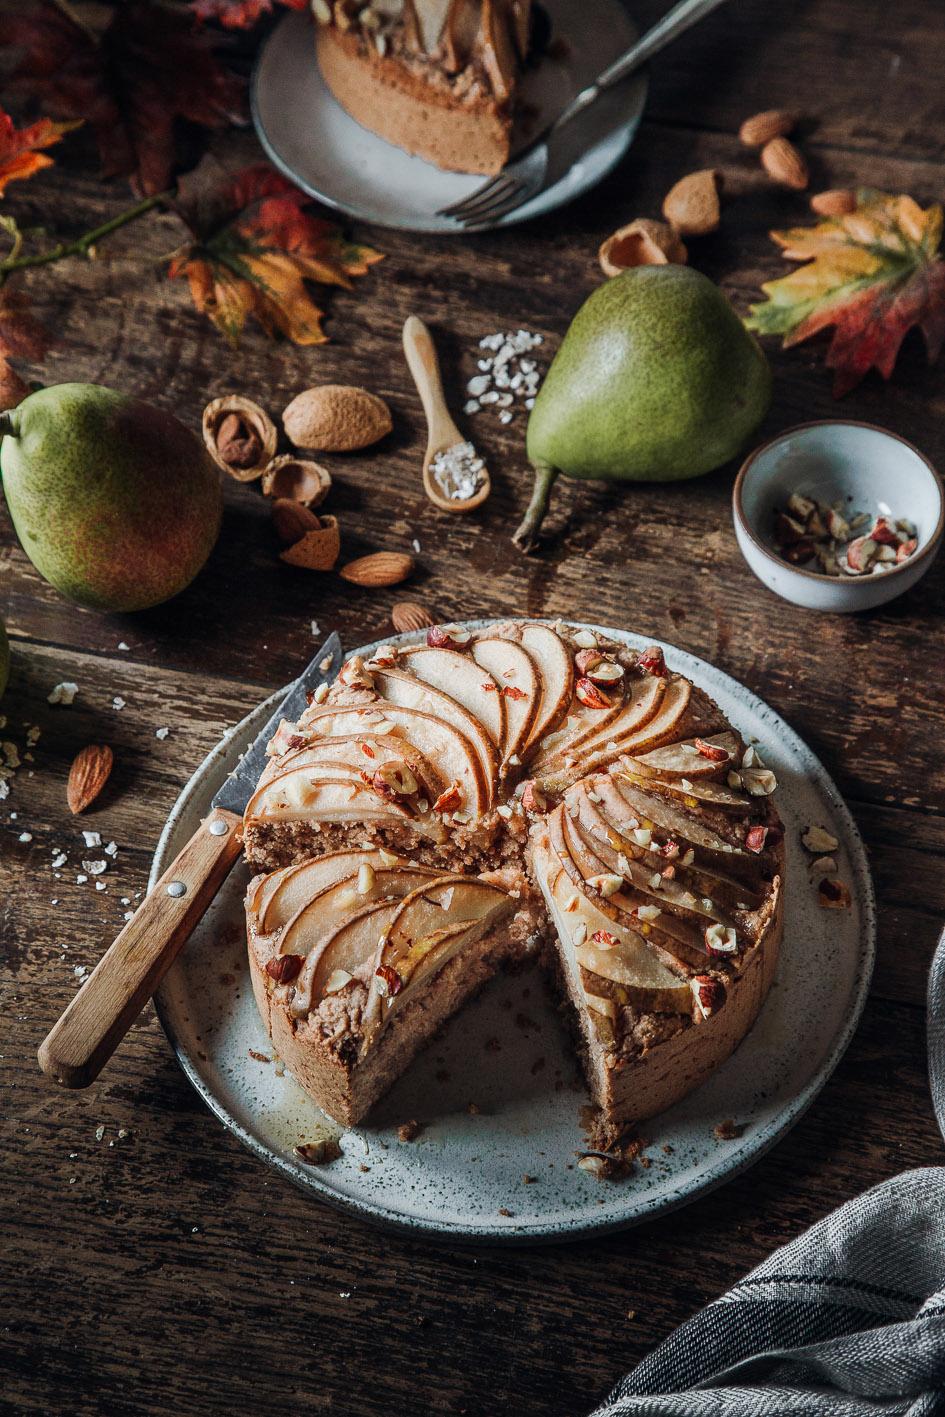 Angeschnittener veganer Birnenkuchen auf herbstlich gedecktem Tisch